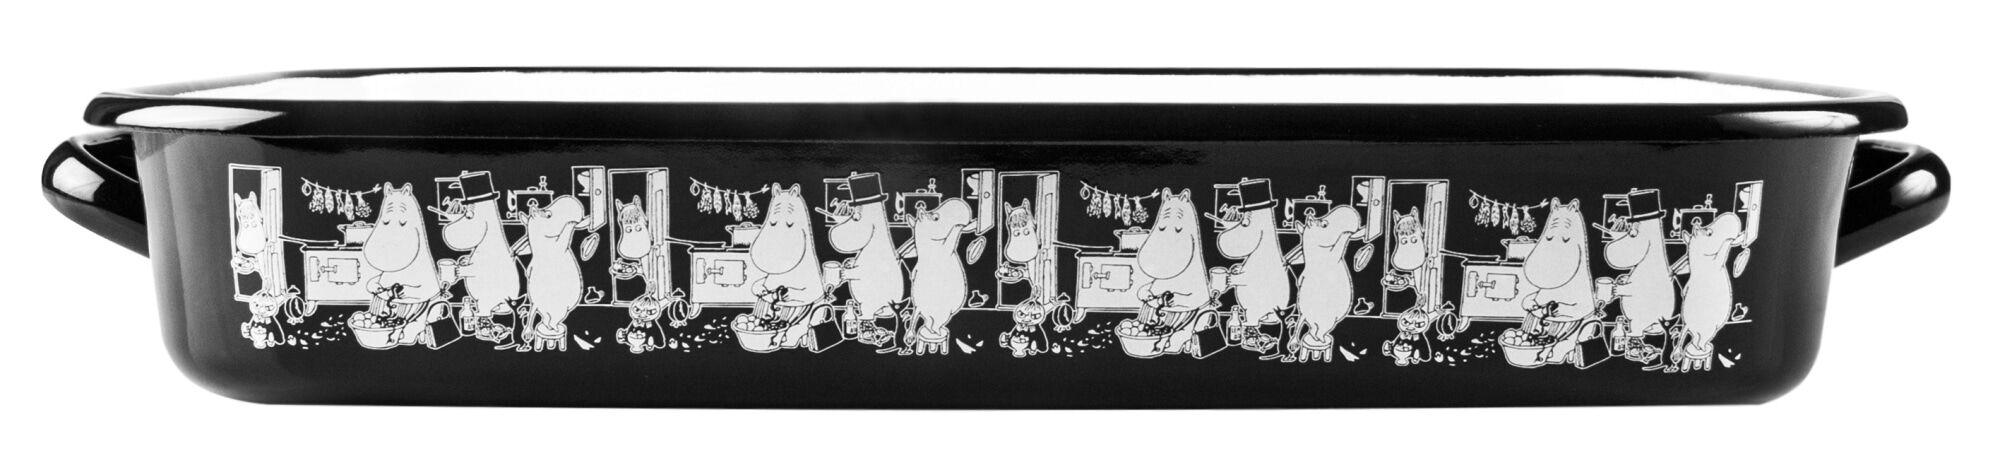 MUUMI Muurla Muumit keittiössä 32cm emaliuunivuoka